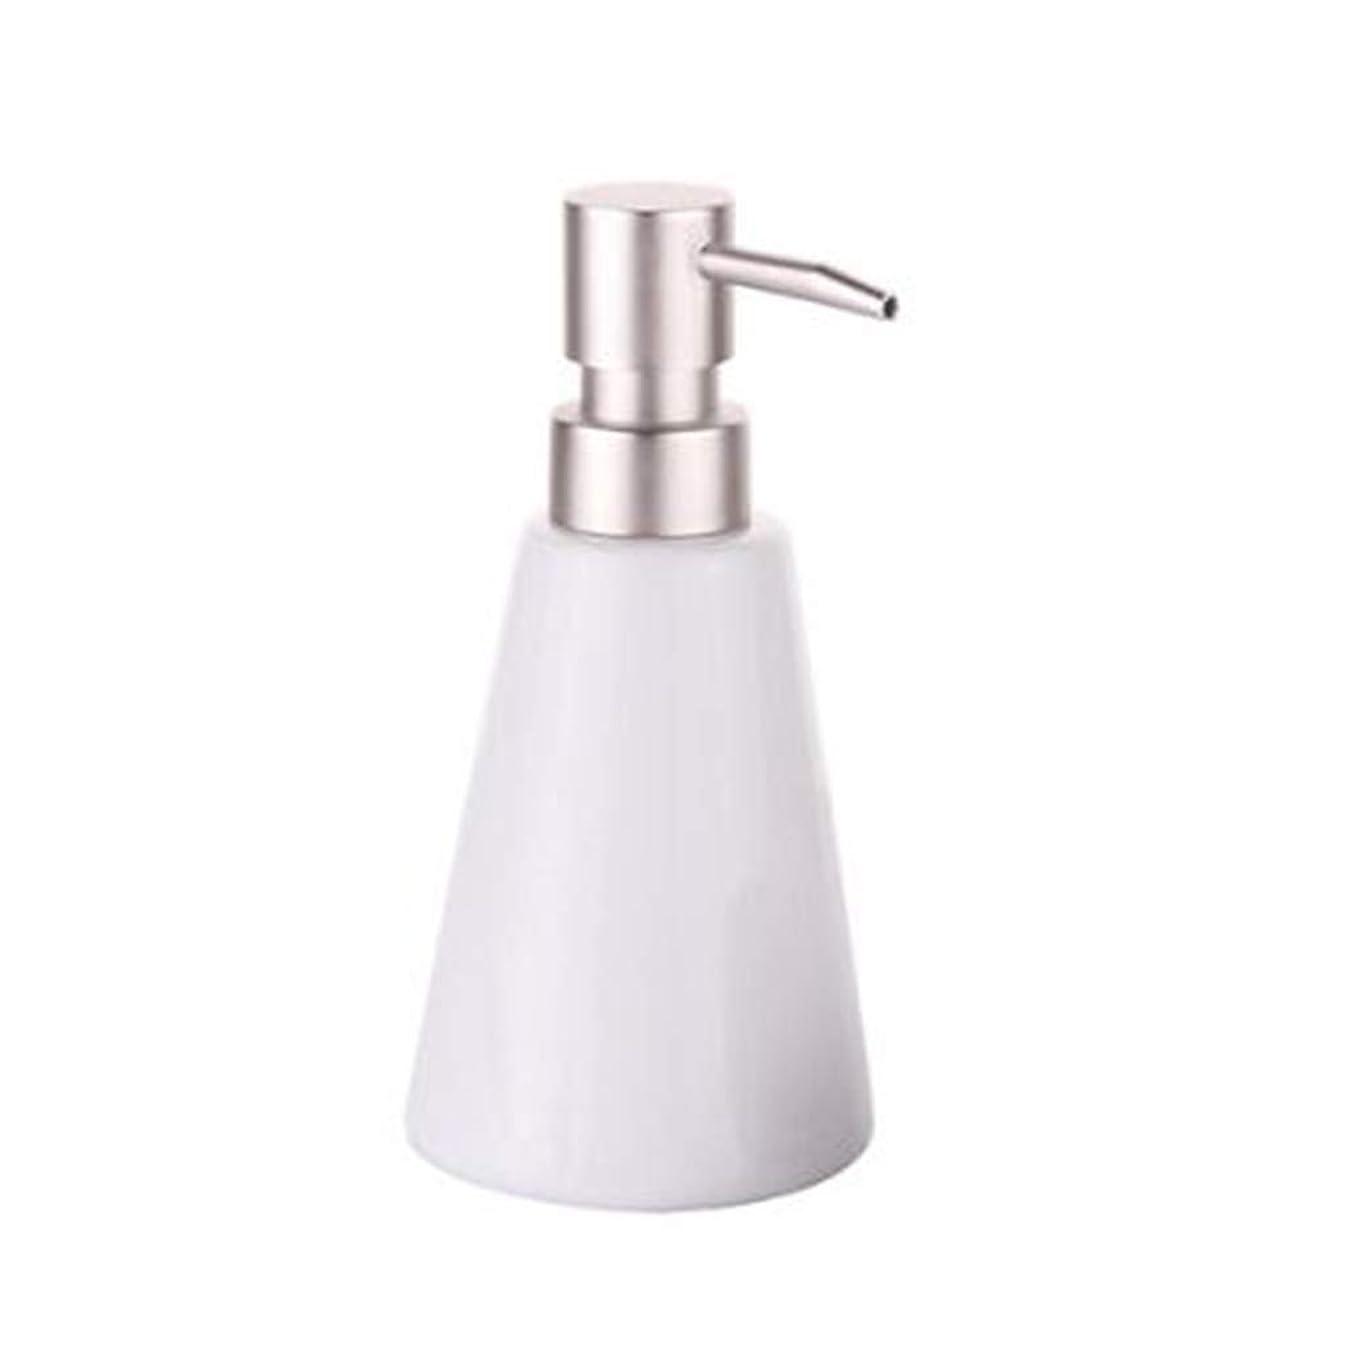 TLMY Conical Ceramic Hand Sanitizer Bottle Bottling, Push-Type Soap Bottle, Bathroom Utensils Bathroom Lotion Bottle soap Dispenser